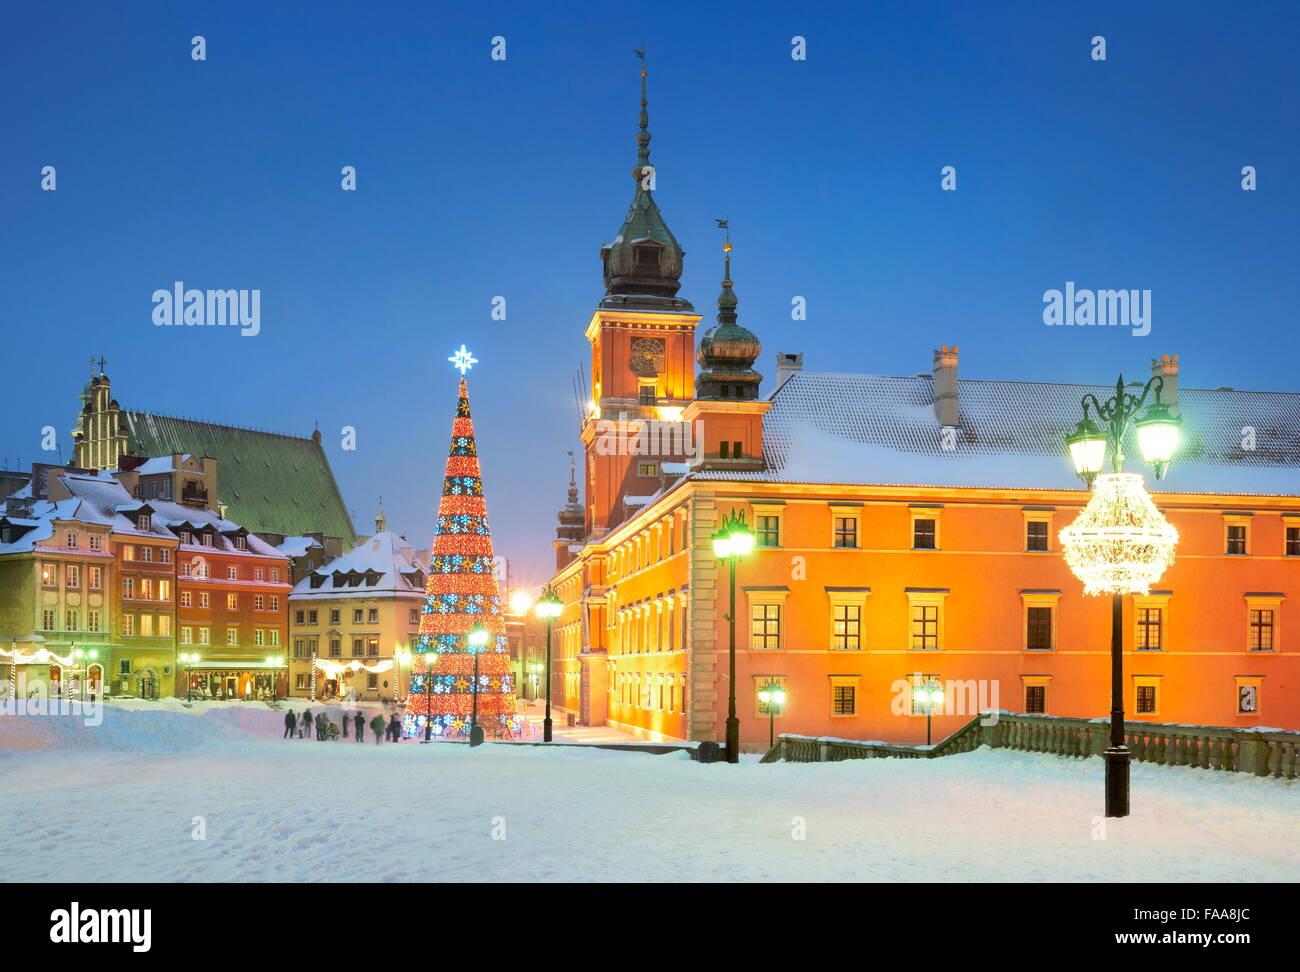 Weihnachtsbaum im Freien auf dem Burgplatz, Stadt Warschau, Polen Stockbild